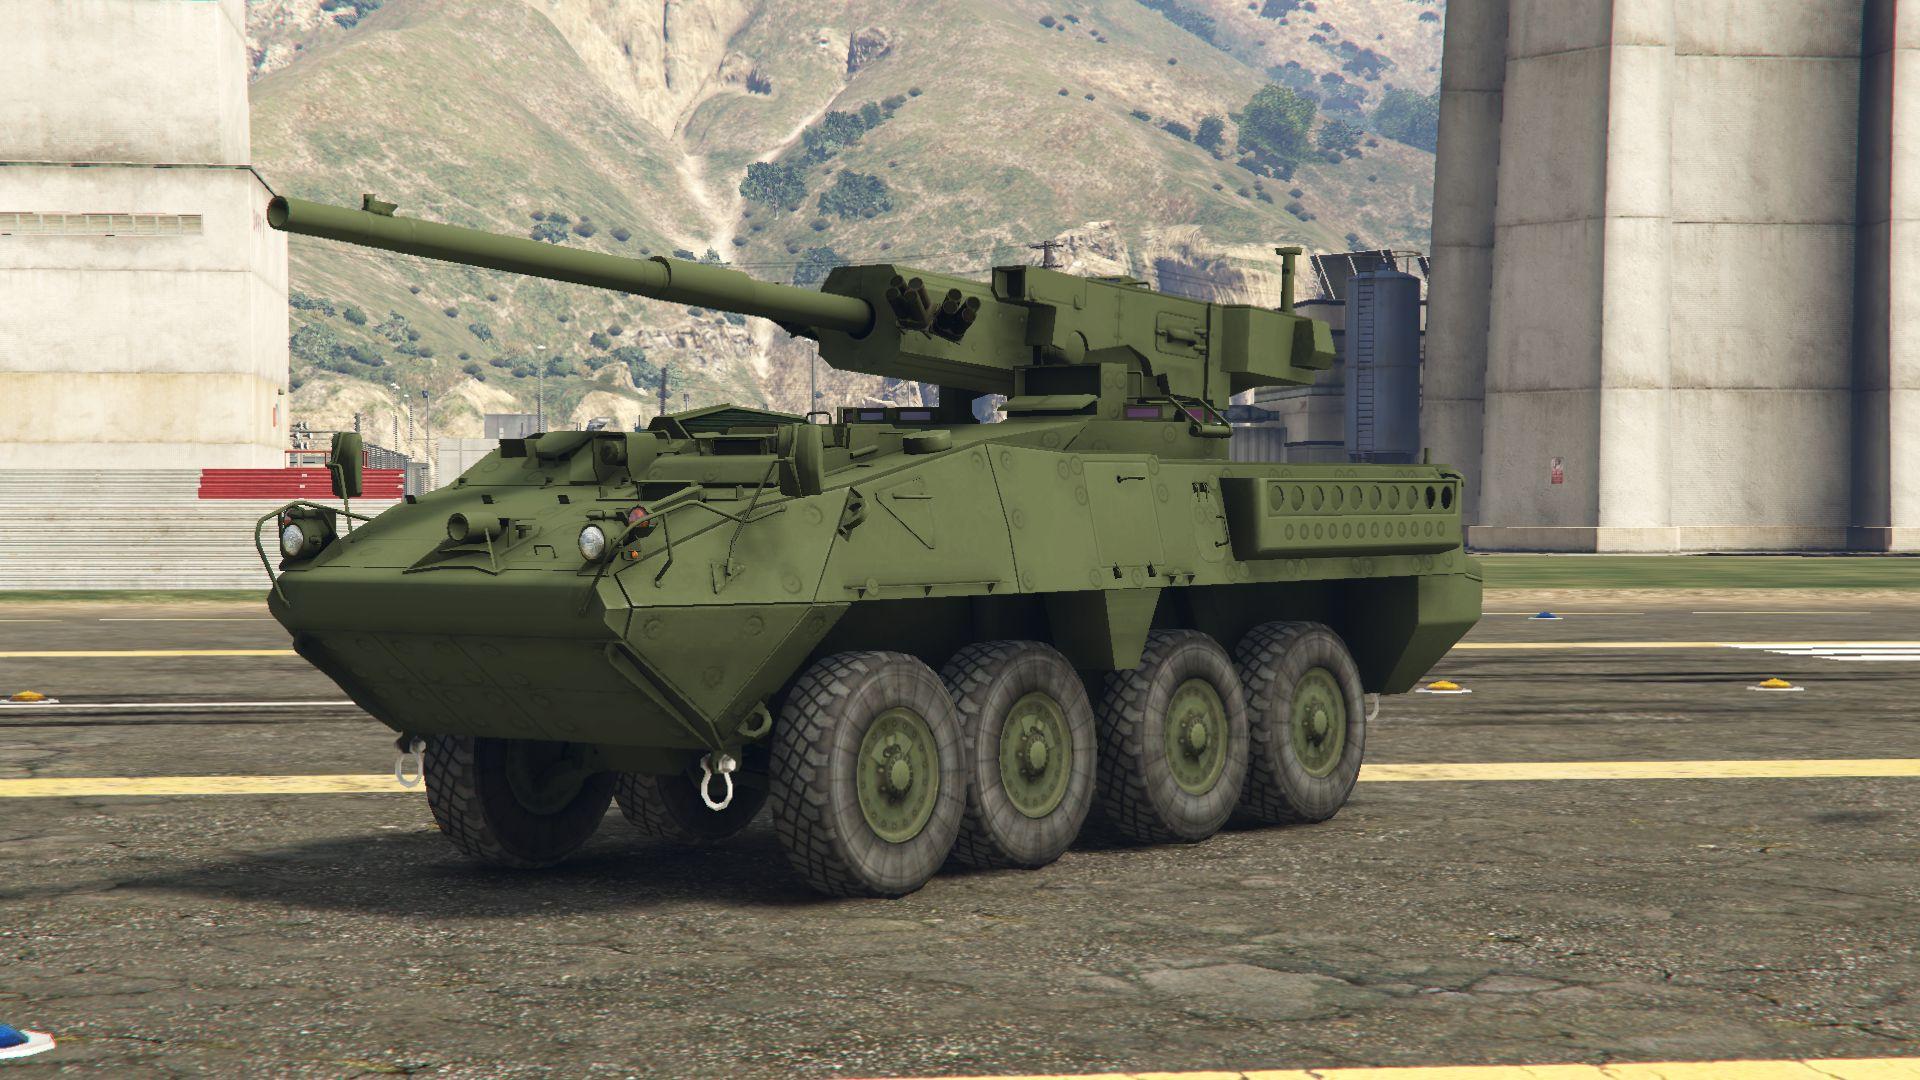 M1128 Stryker - Боевая бронированная машина